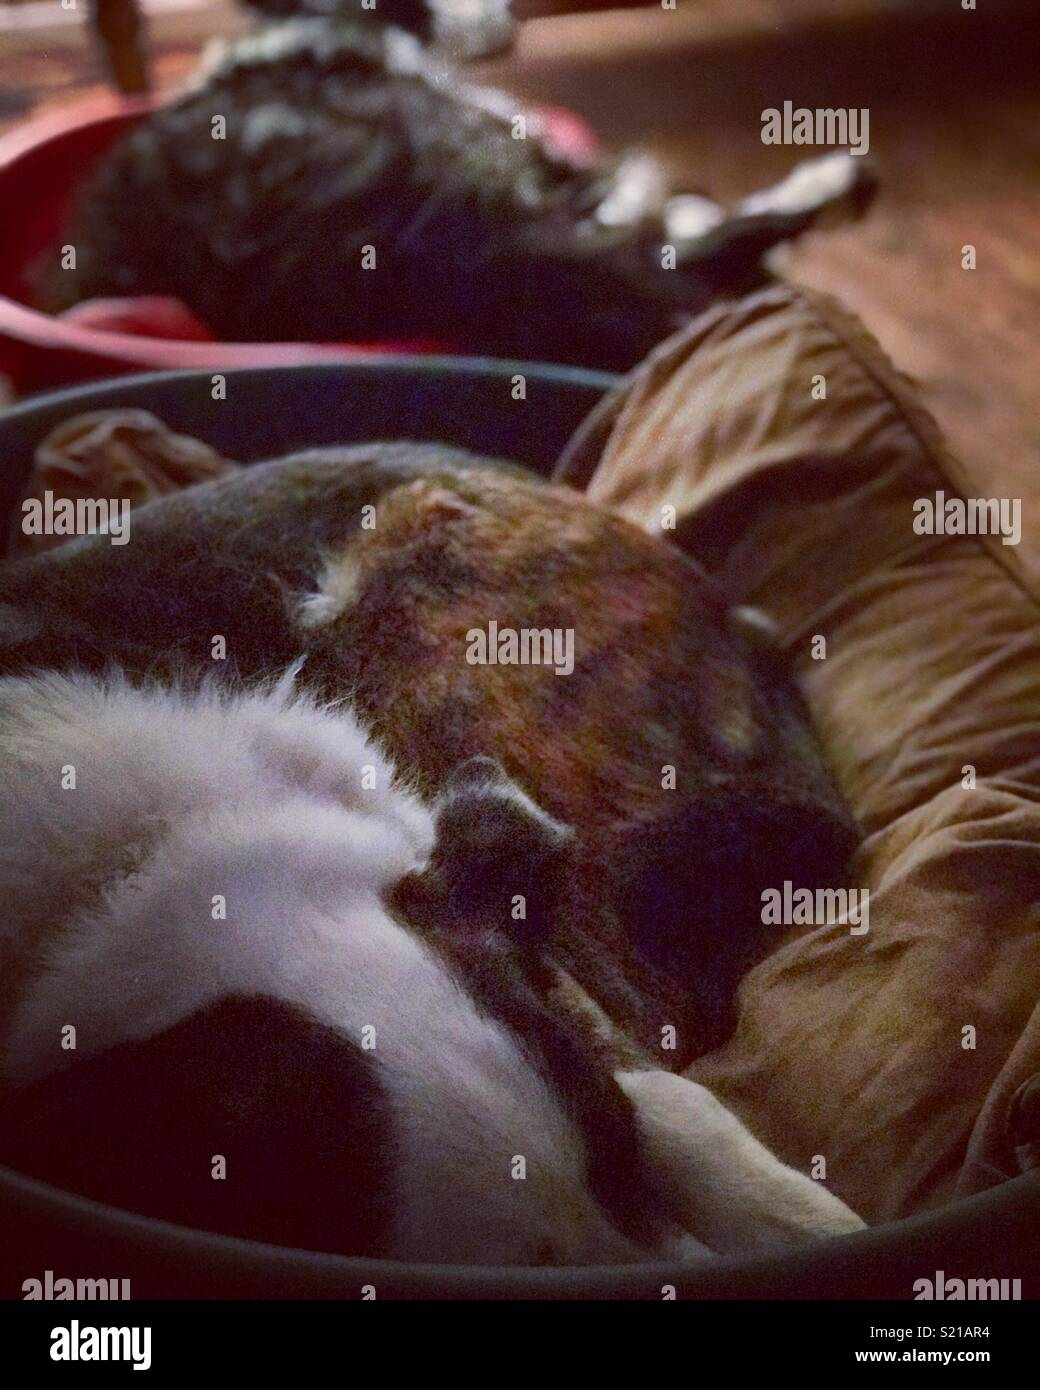 Sleeping dogs - Stock Image